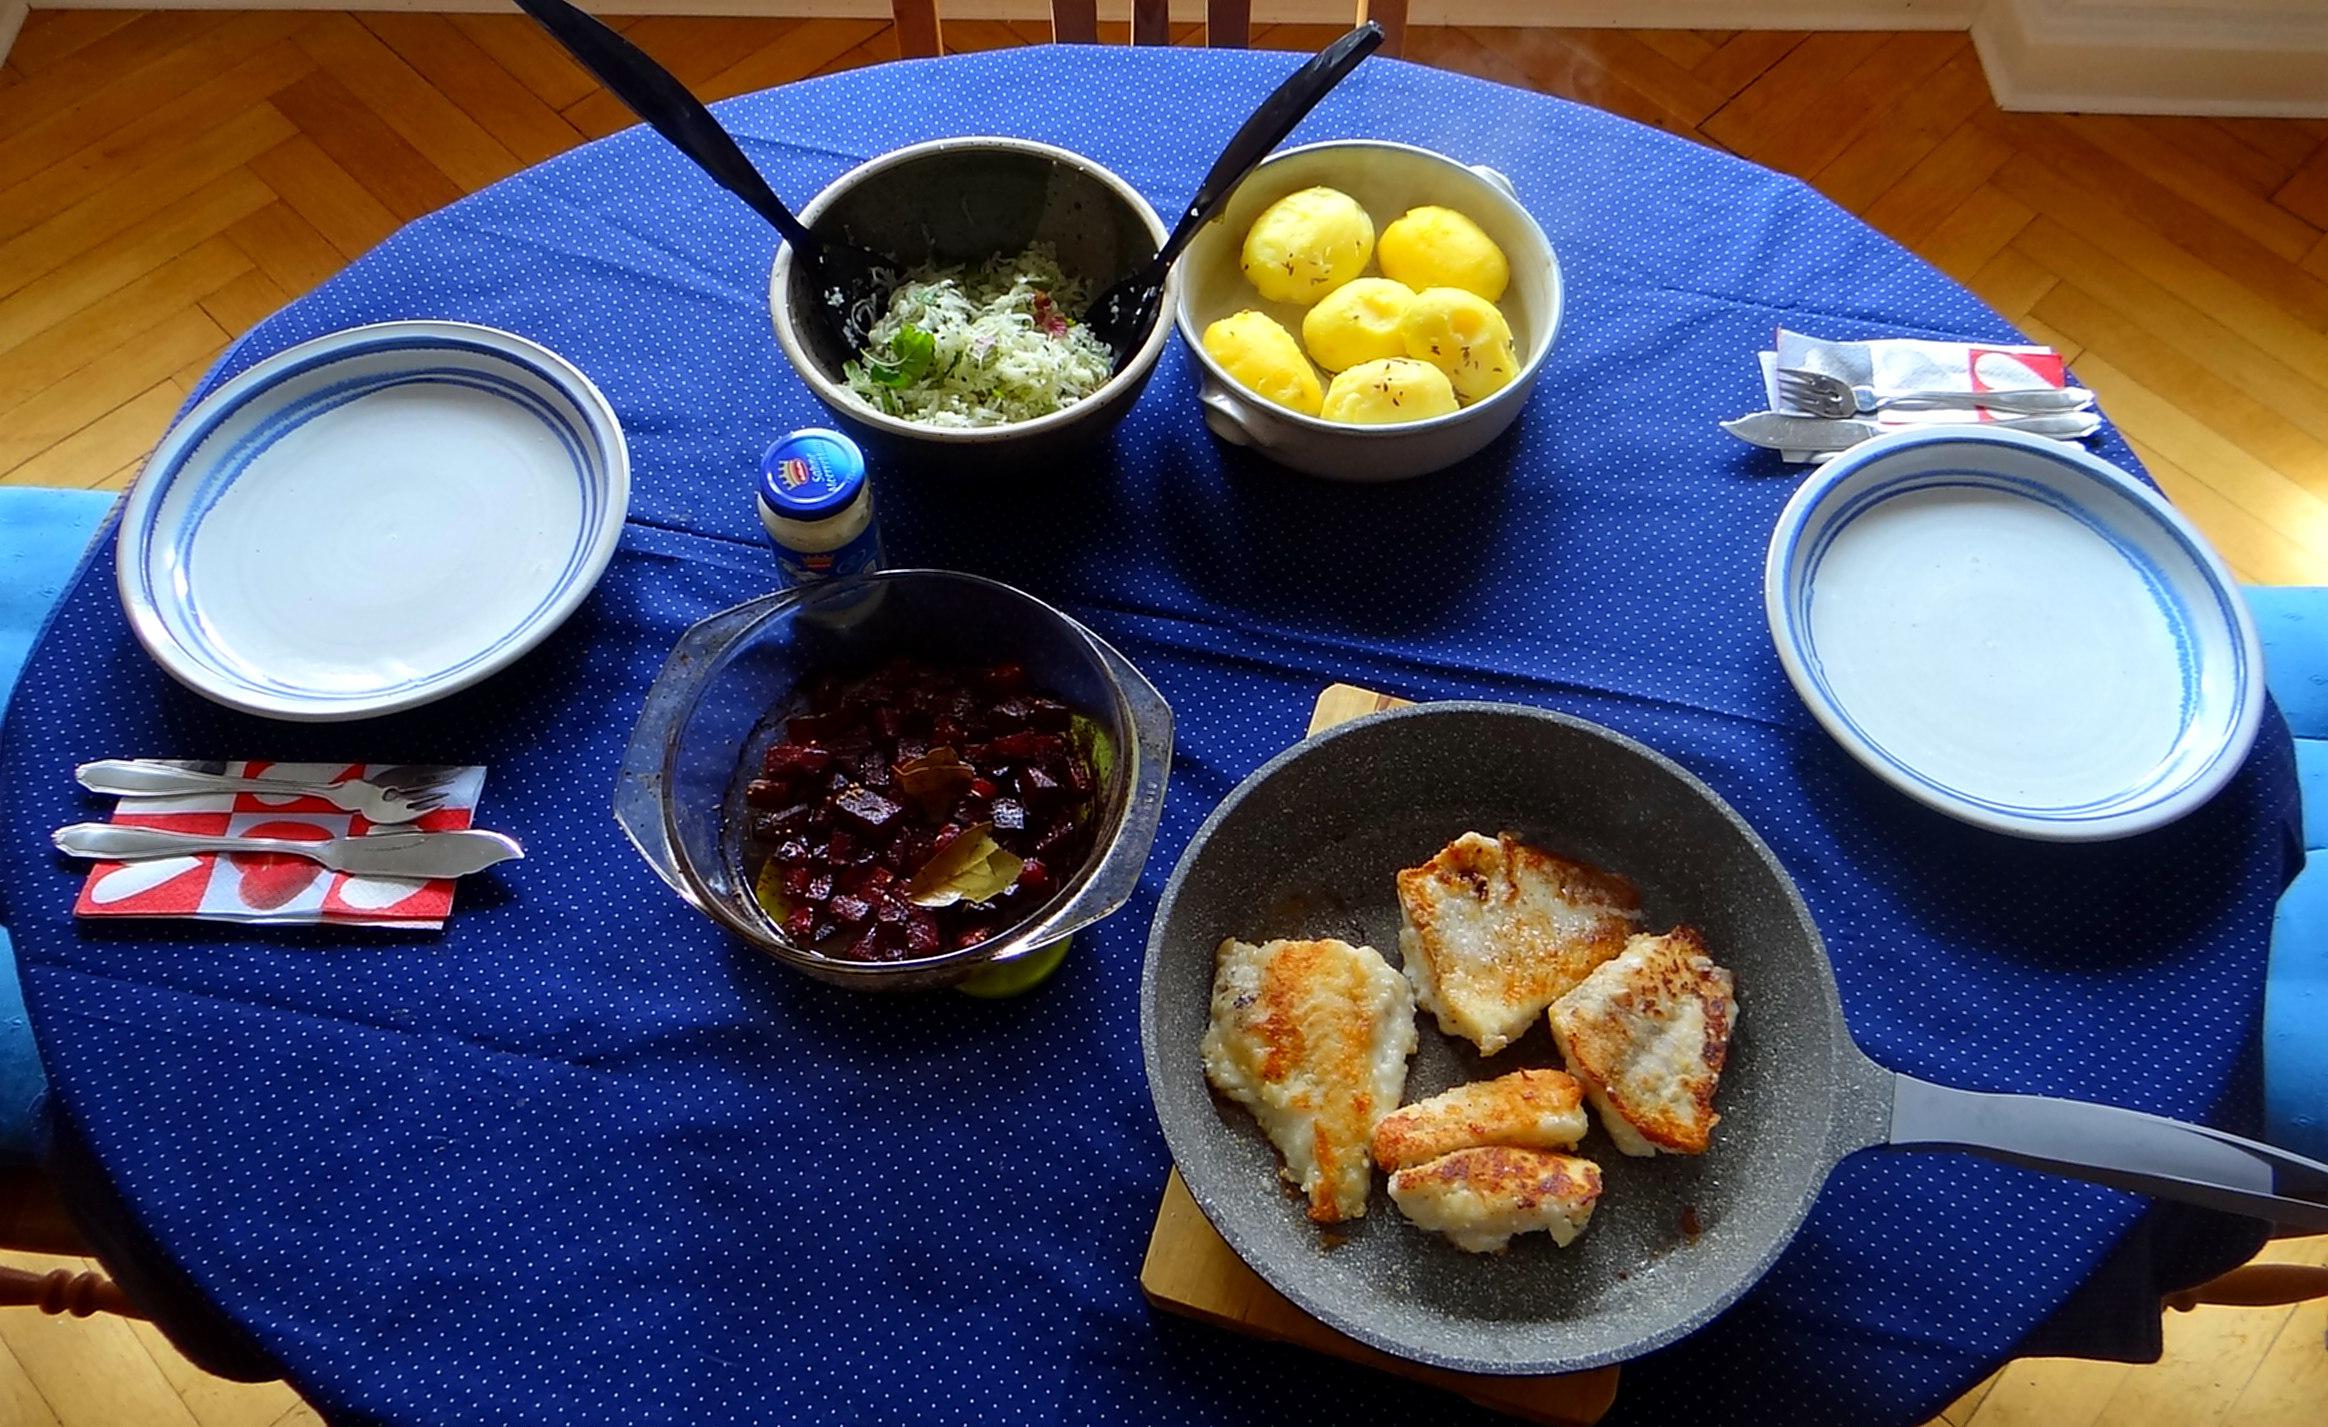 Kabelja,Rote Beete Gemüse,Kohlrabisalat,Pellkartoffel (3)